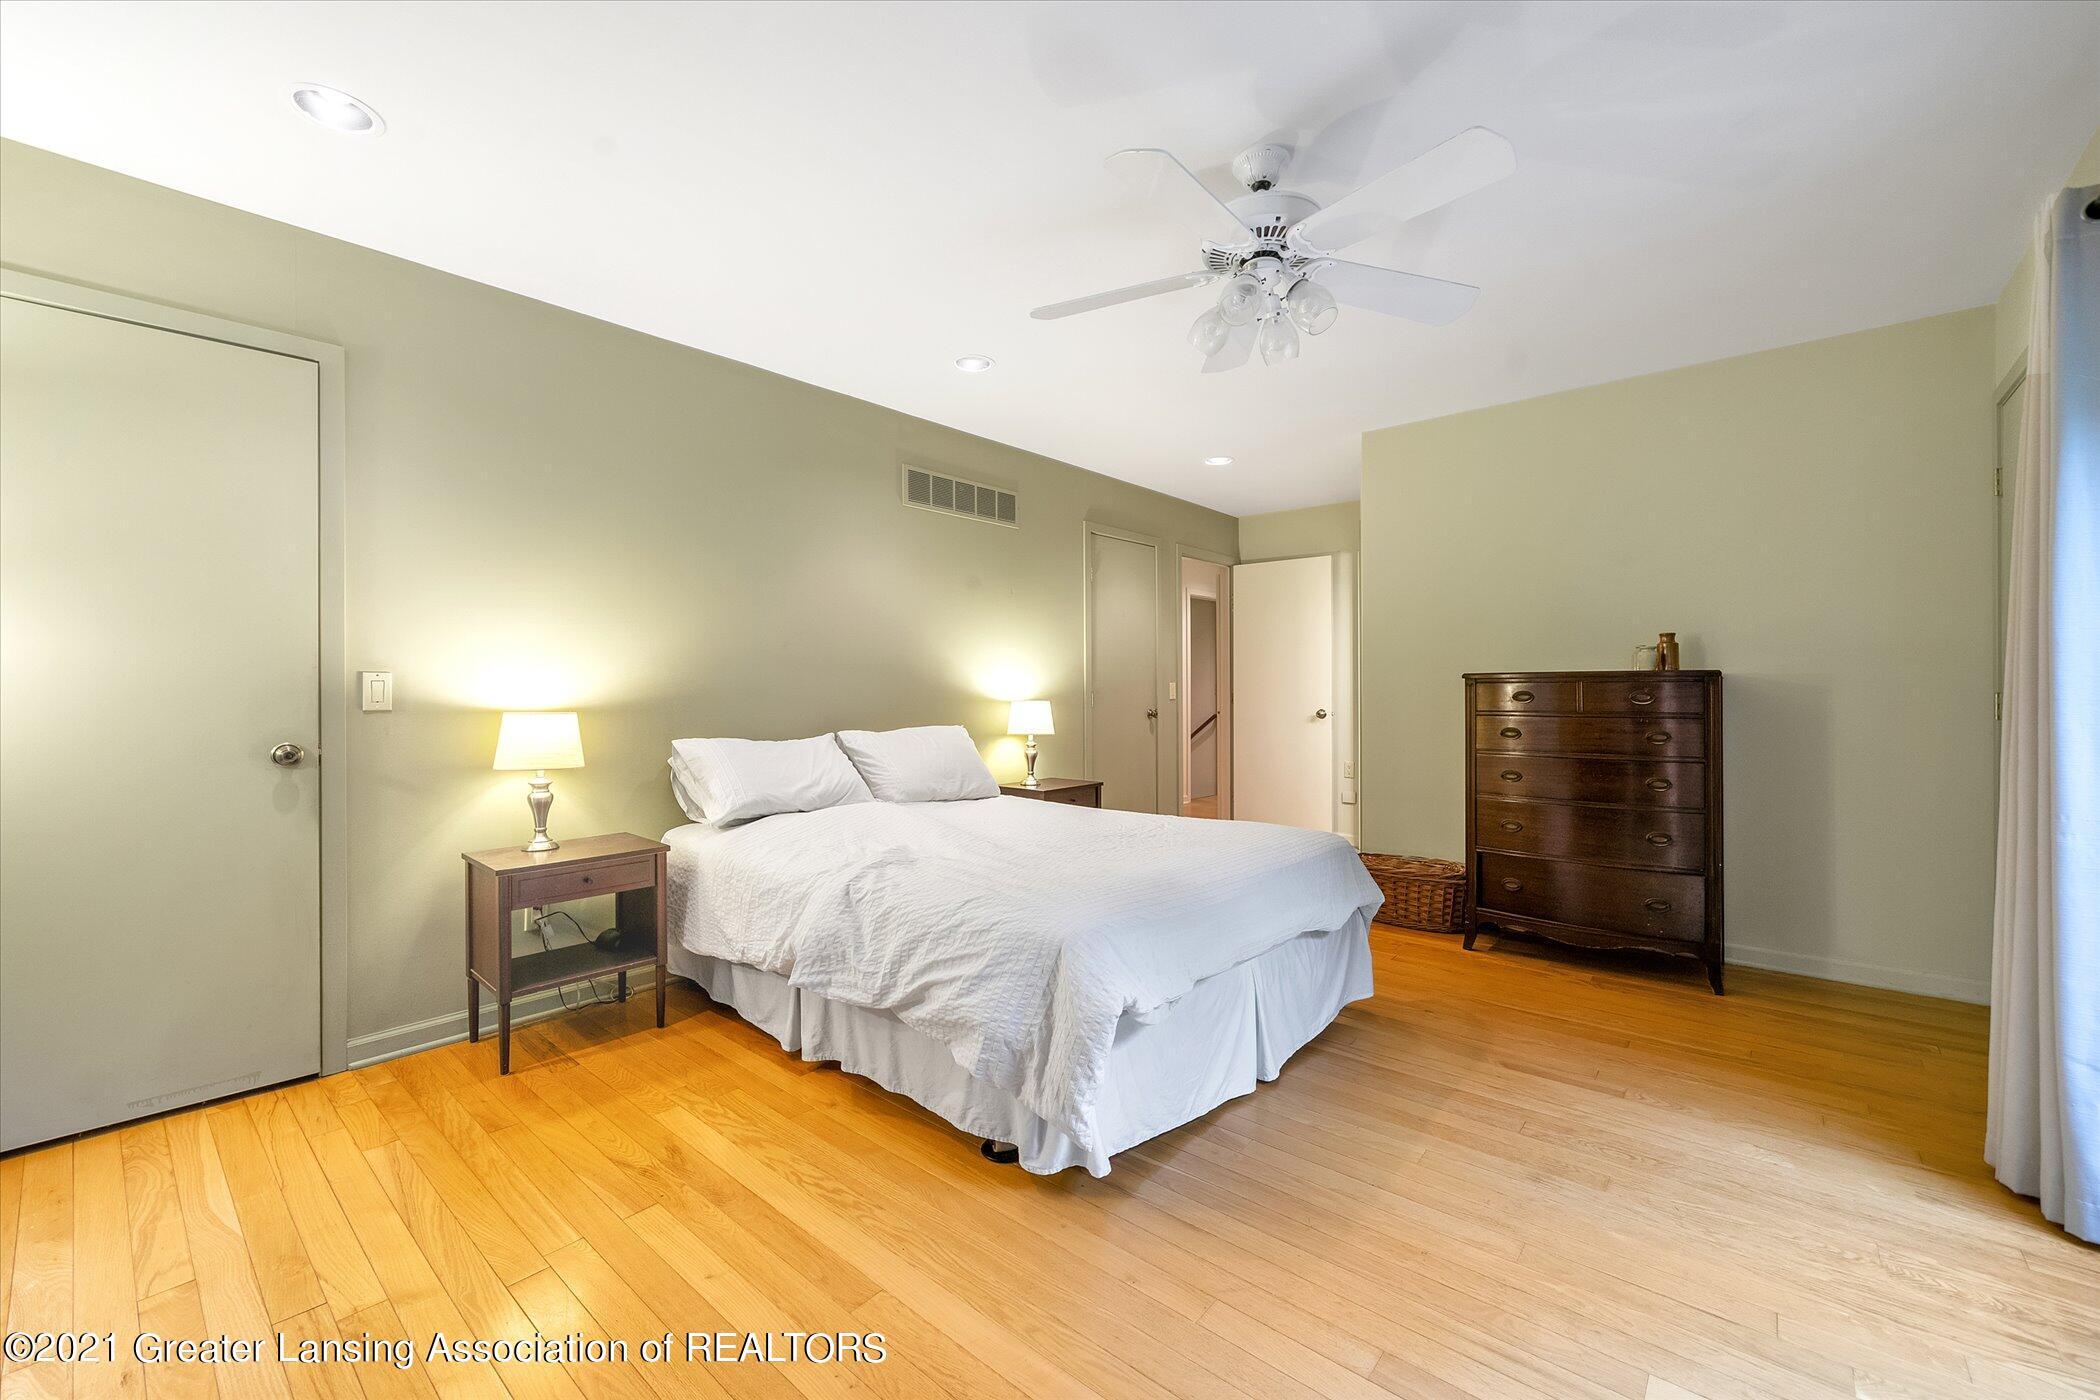 442 Shoesmith Rd - (19) MAIN FLOOR Primary Bedroom - 20